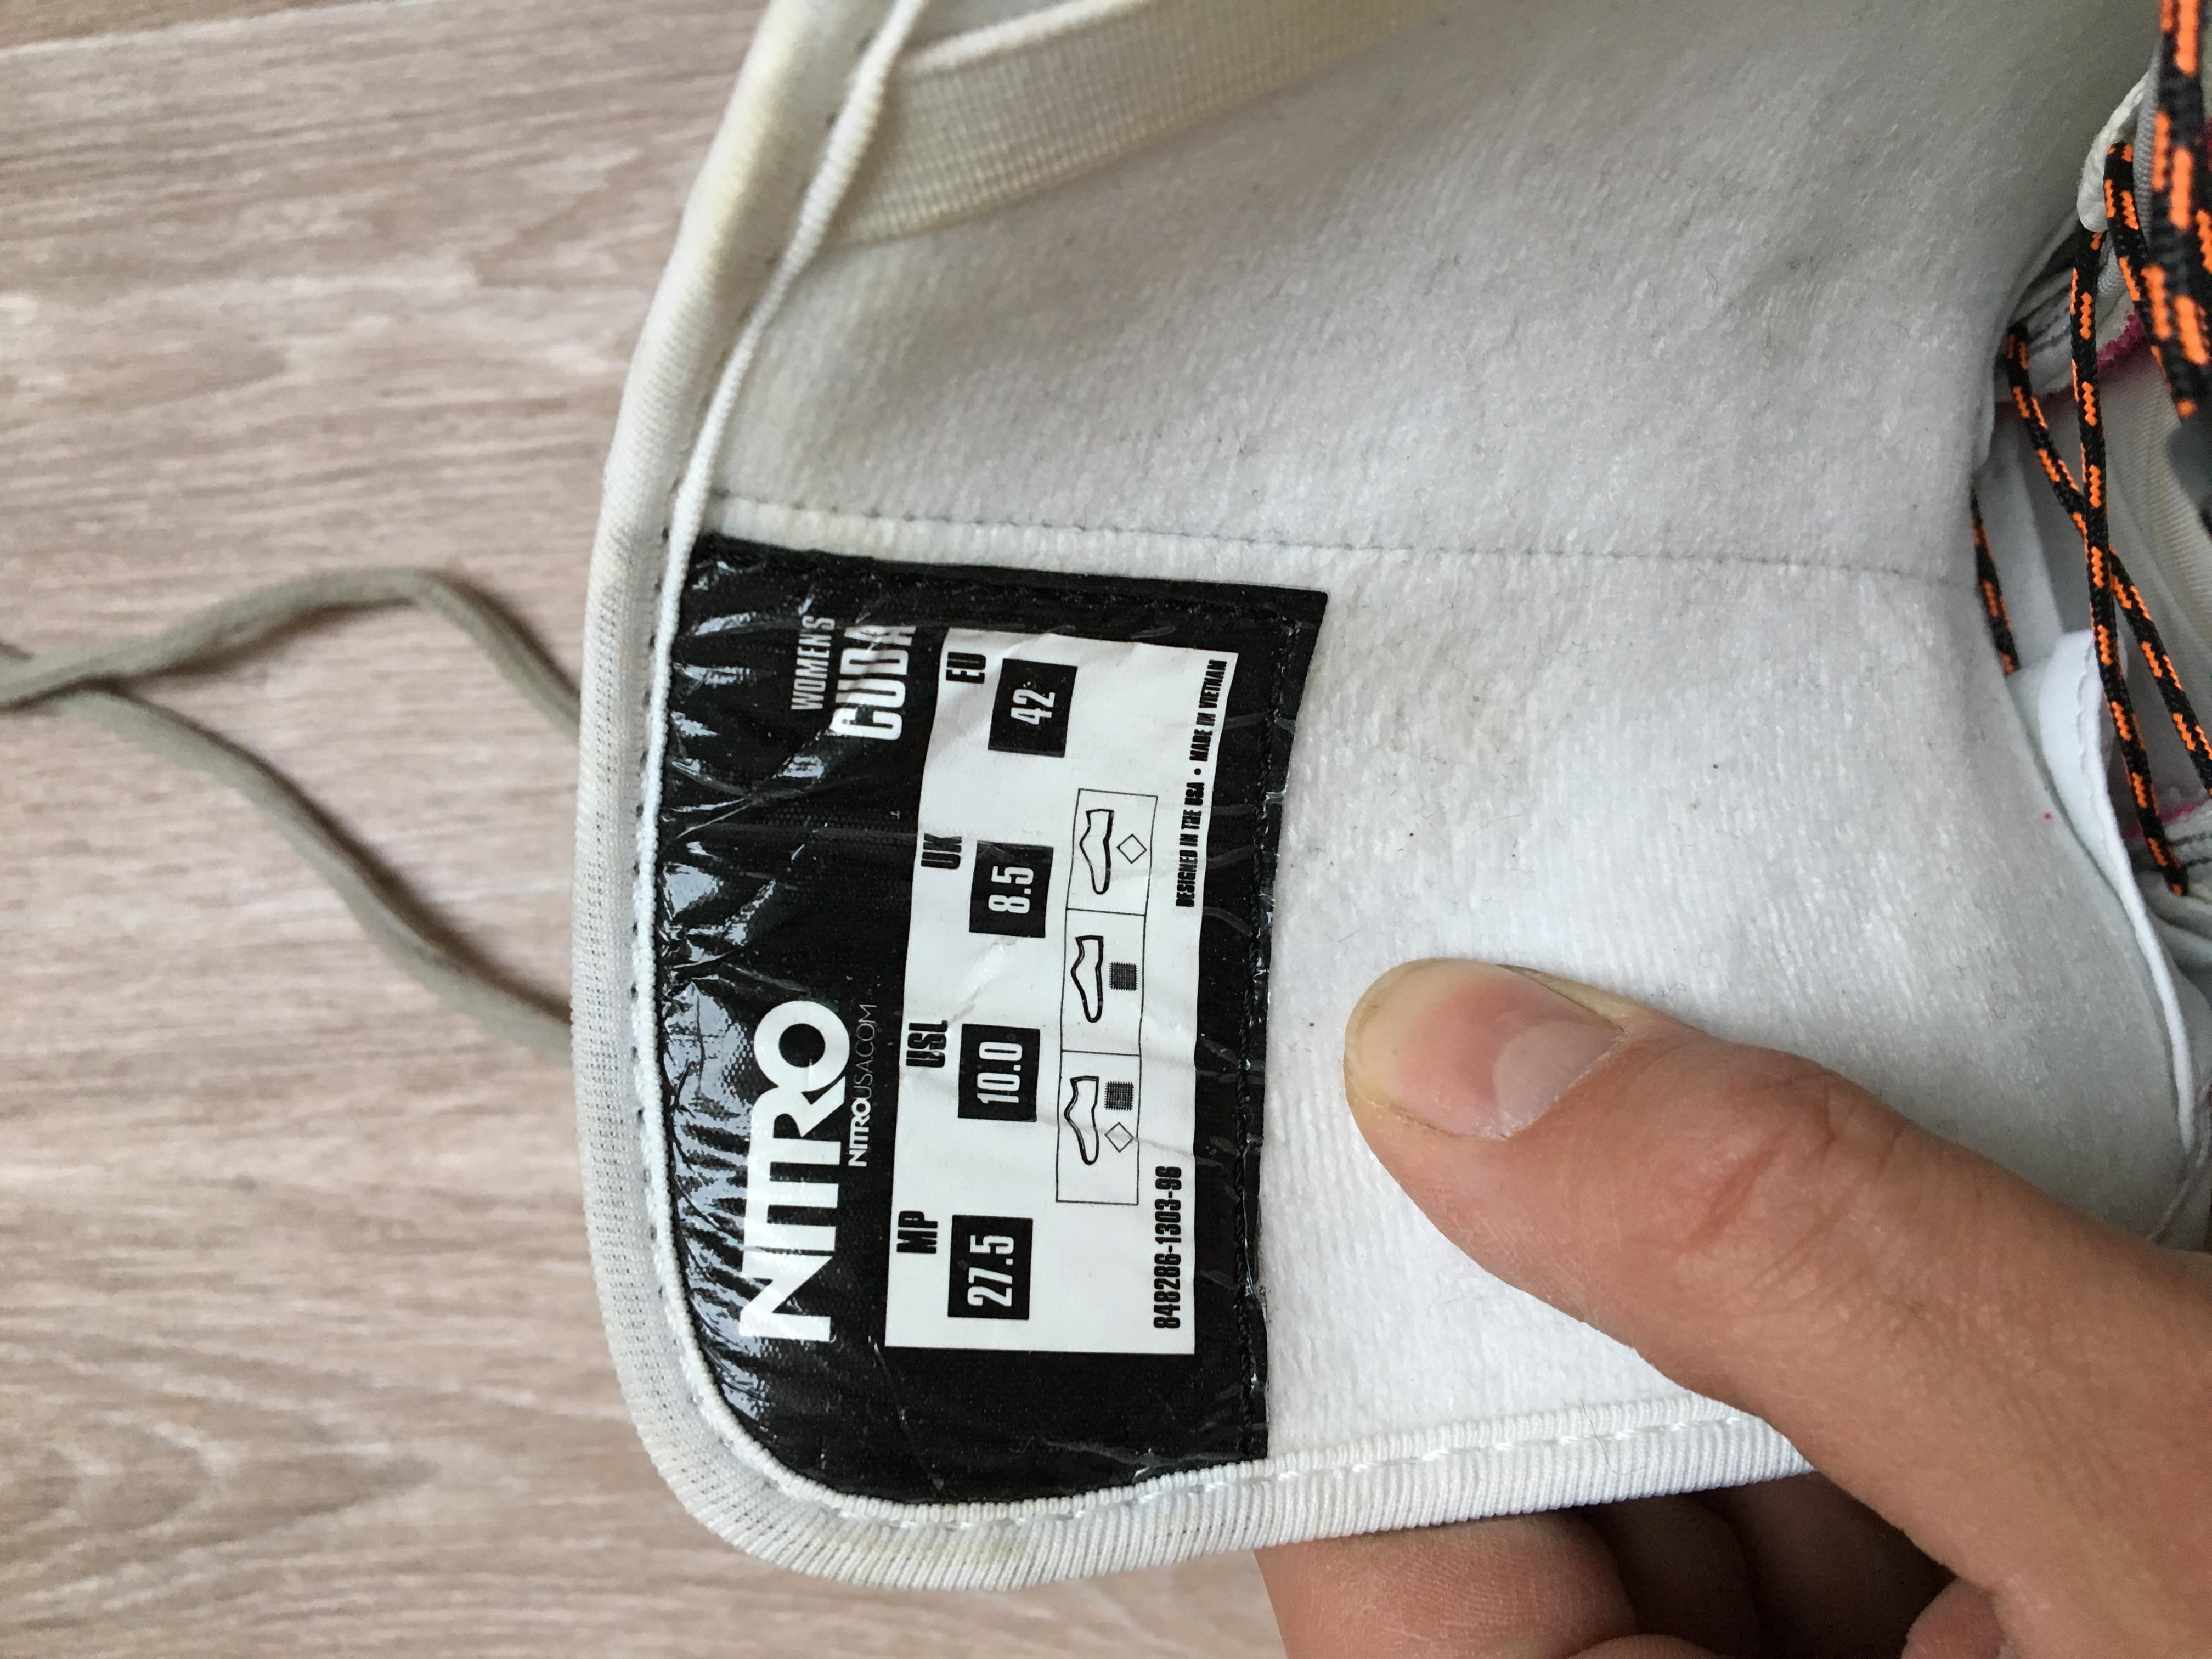 42 - fotka 1 Dámské snowboard boty NITRO vel. 42 - fotka 2 ... 010e0e42fe